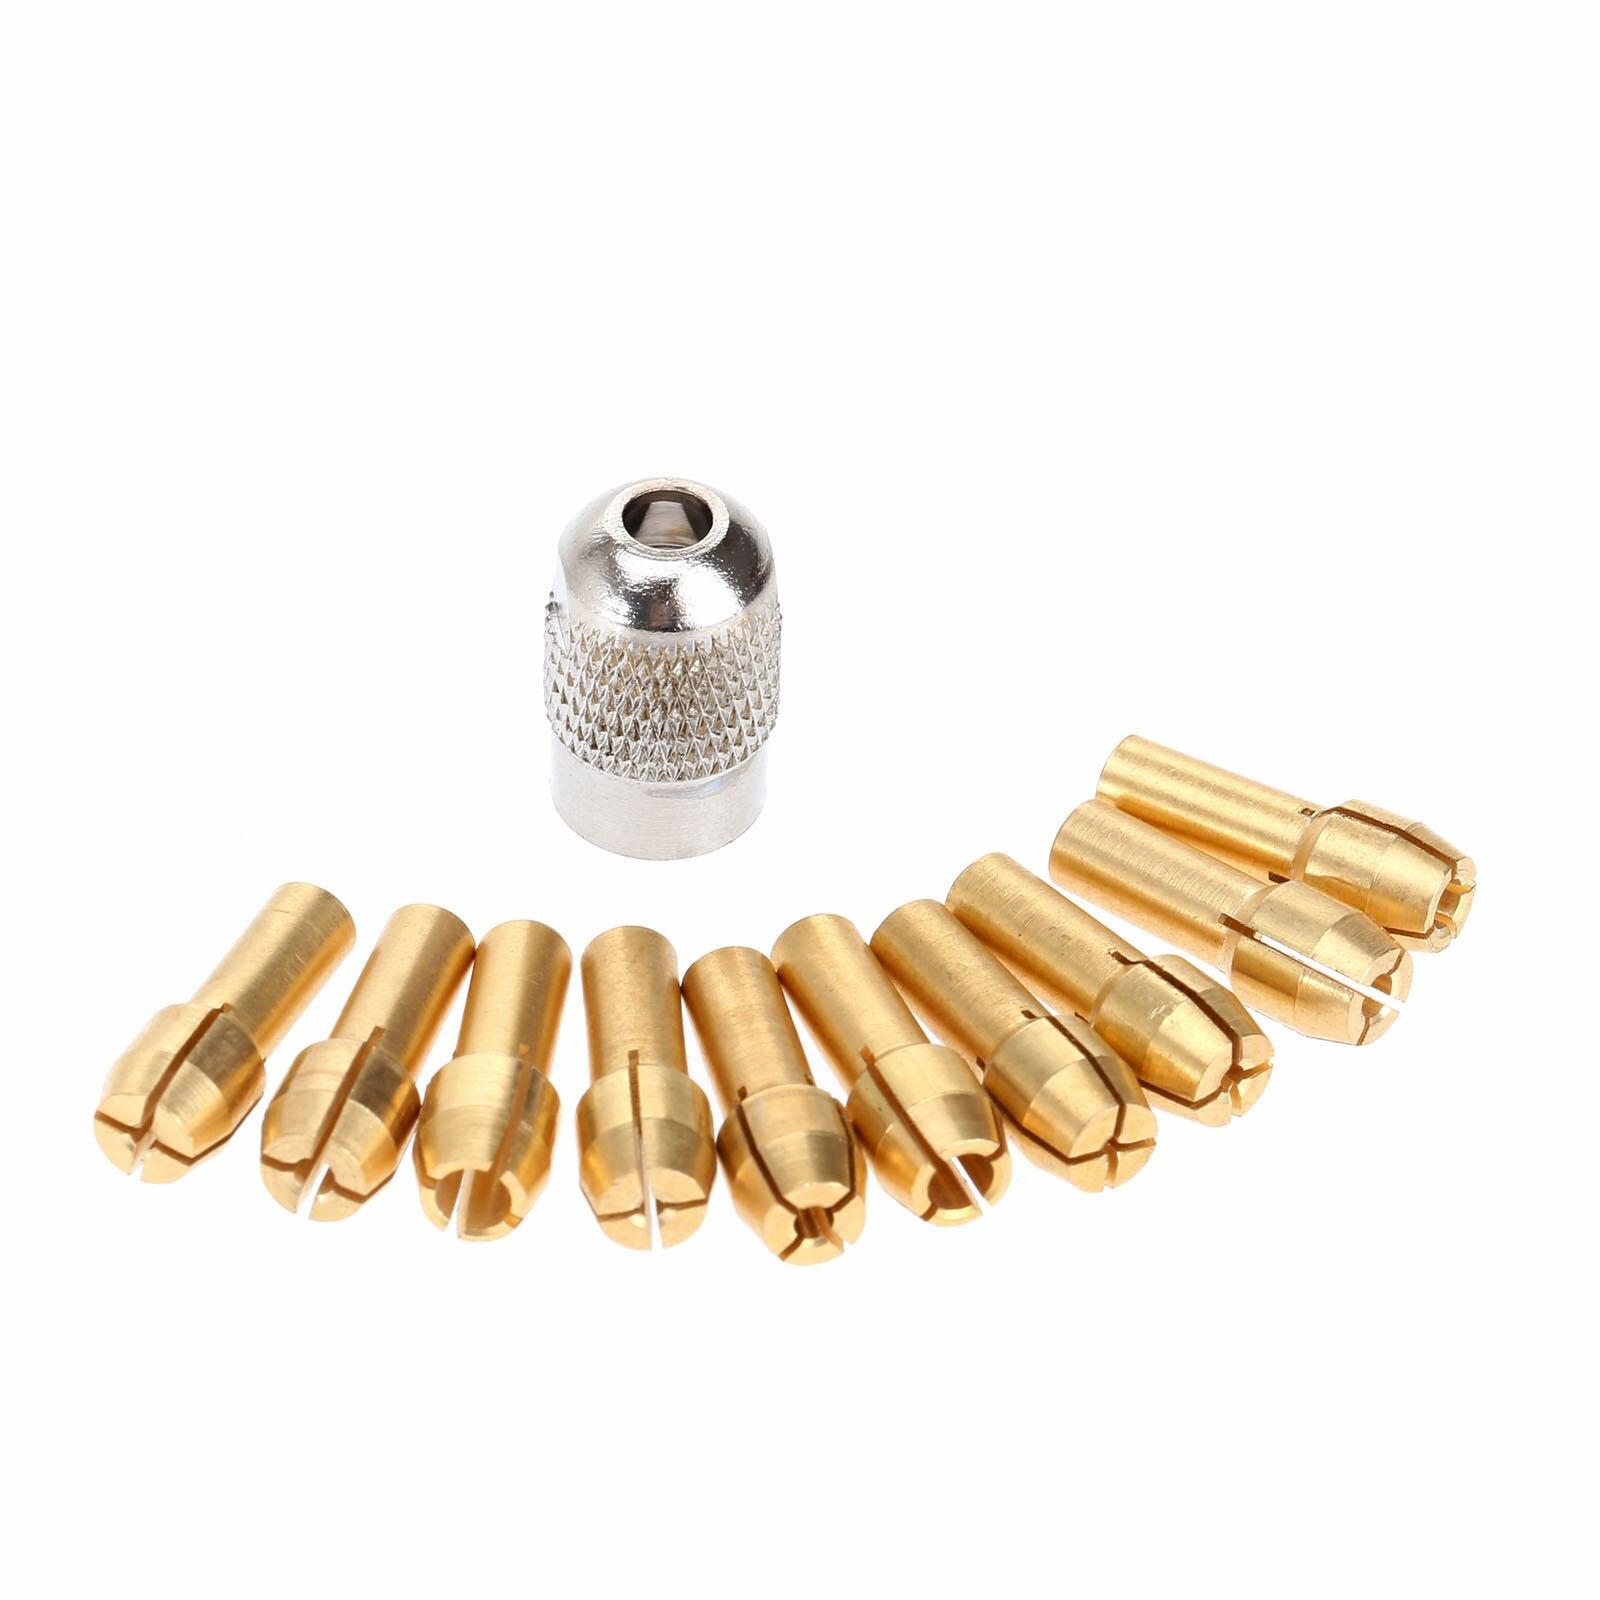 Dophee 0.5mm-3.2mm Brass Dremel Collet Mini Drill Chucks 4.3mm Shank For Dremel Rotary Tool+1Pc 8 X0.75 Mill Shaft Screw Nut Cap